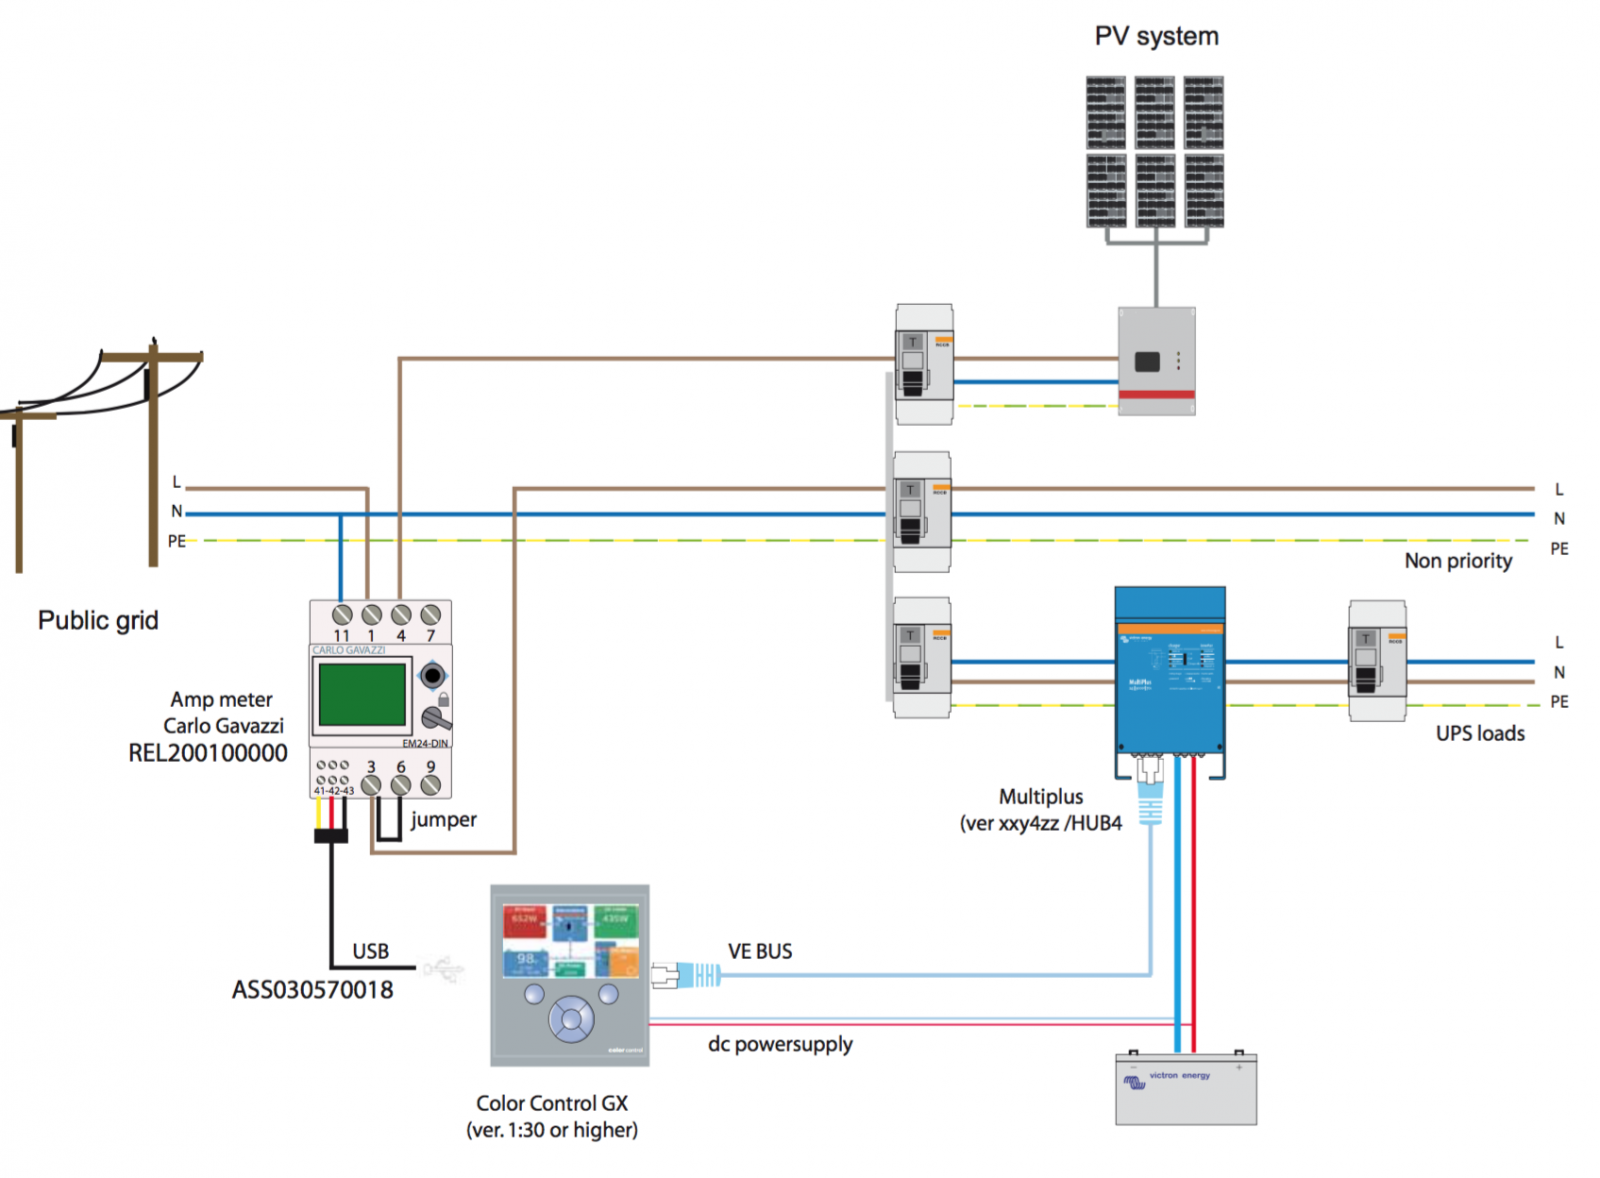 virago 920 wiring diagram xv920 wiring diagram wiring diagram data  xv920 wiring diagram wiring diagram data